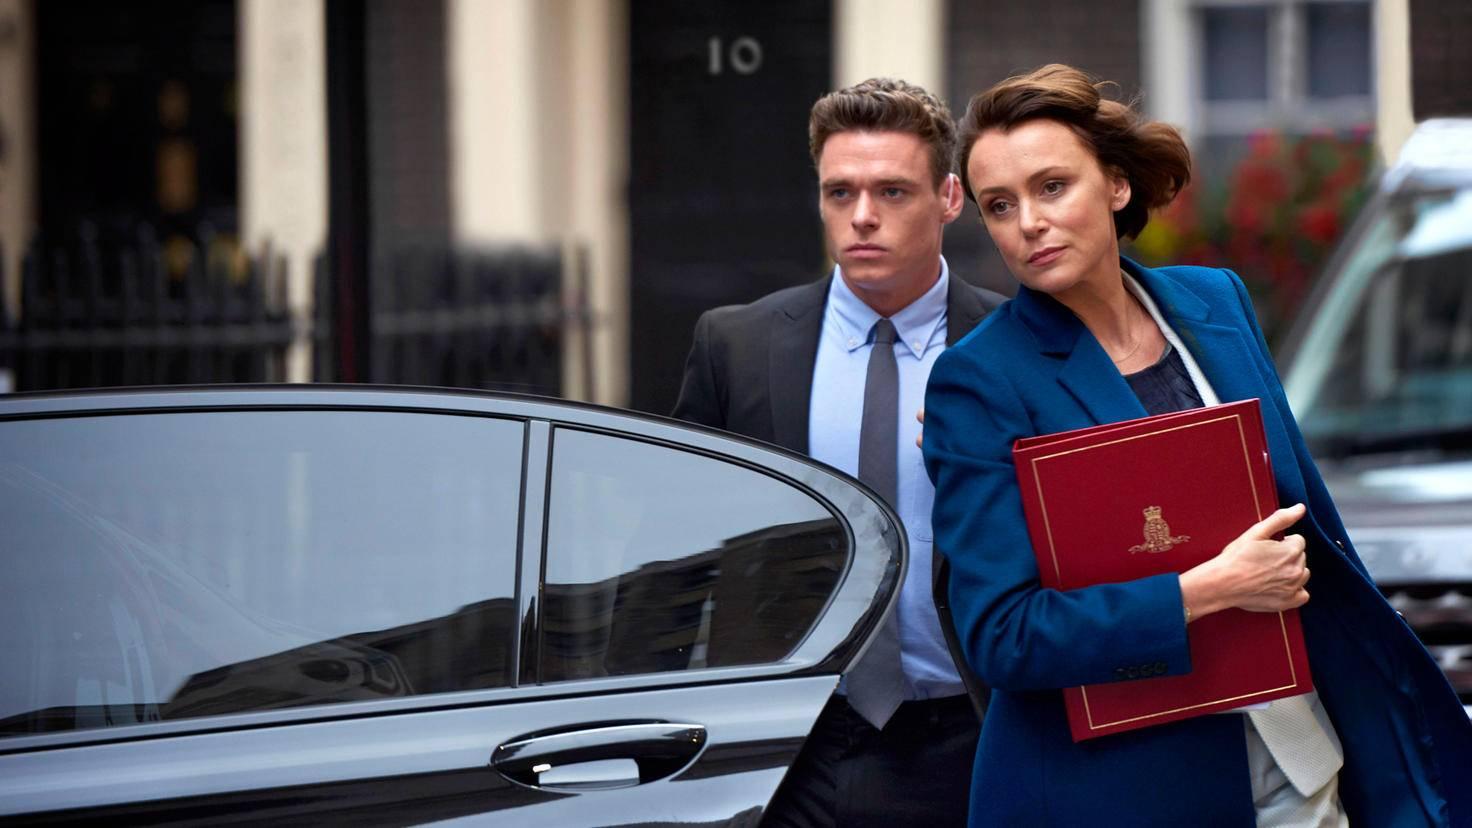 ... der die britische Innenministerin Julia Montague (Keeley Hawes) beschützt.